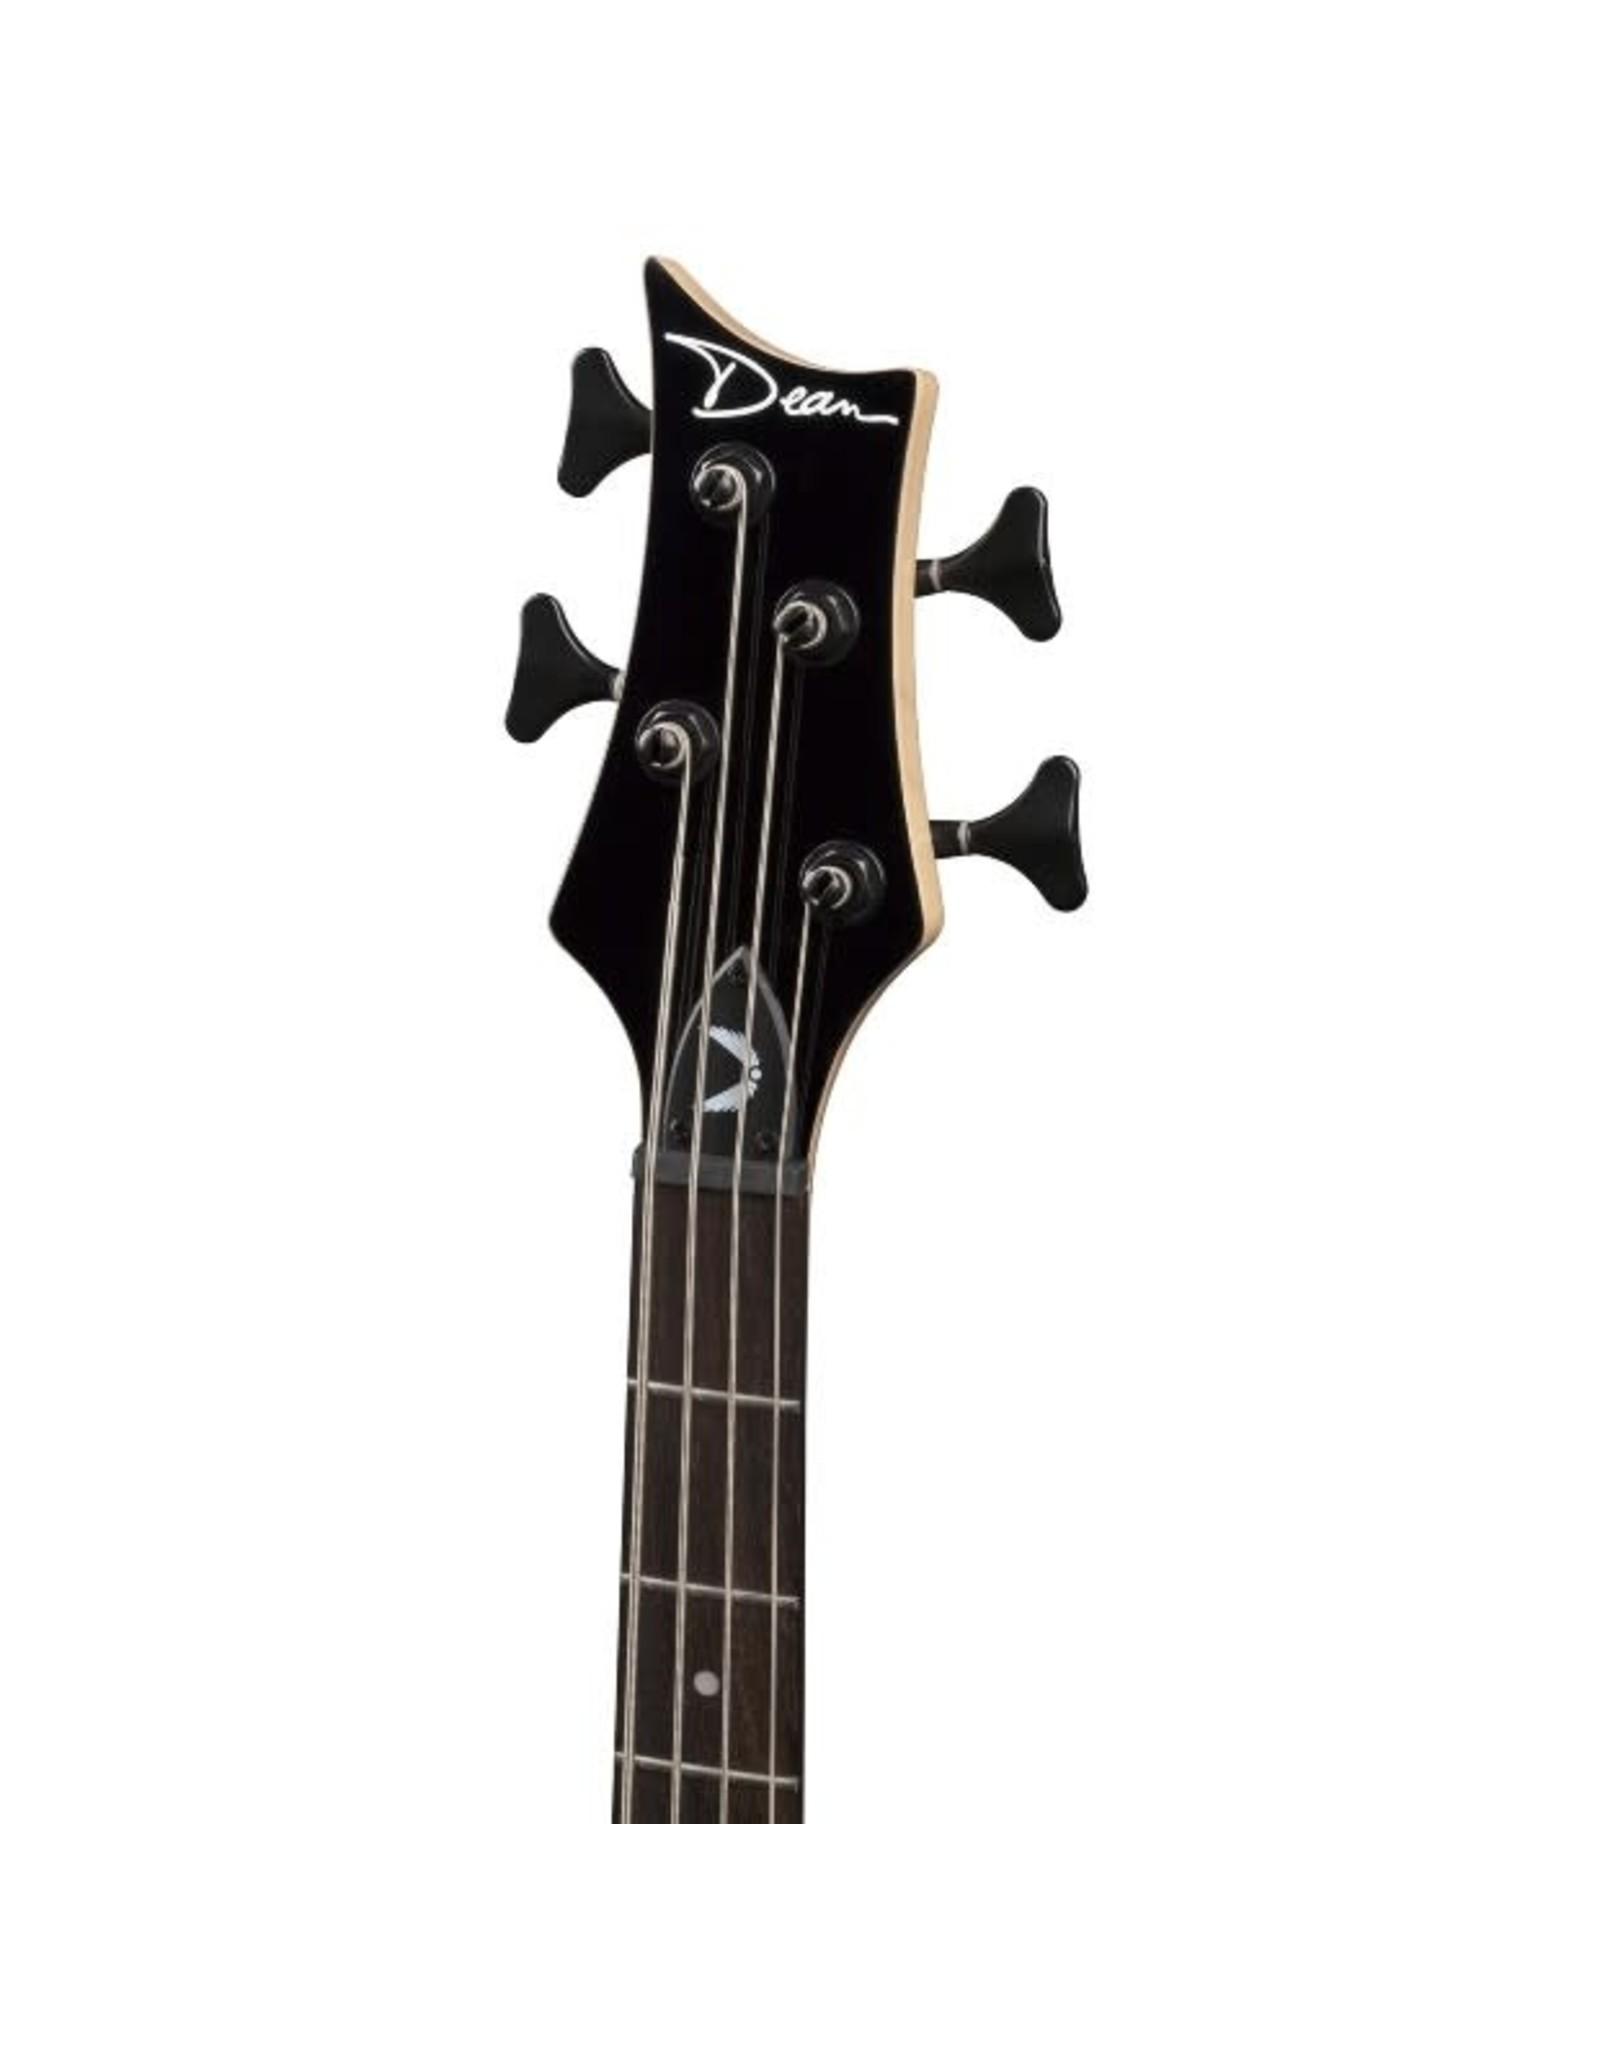 Dean Guitars Dean Edge 09 Bass Classic Black